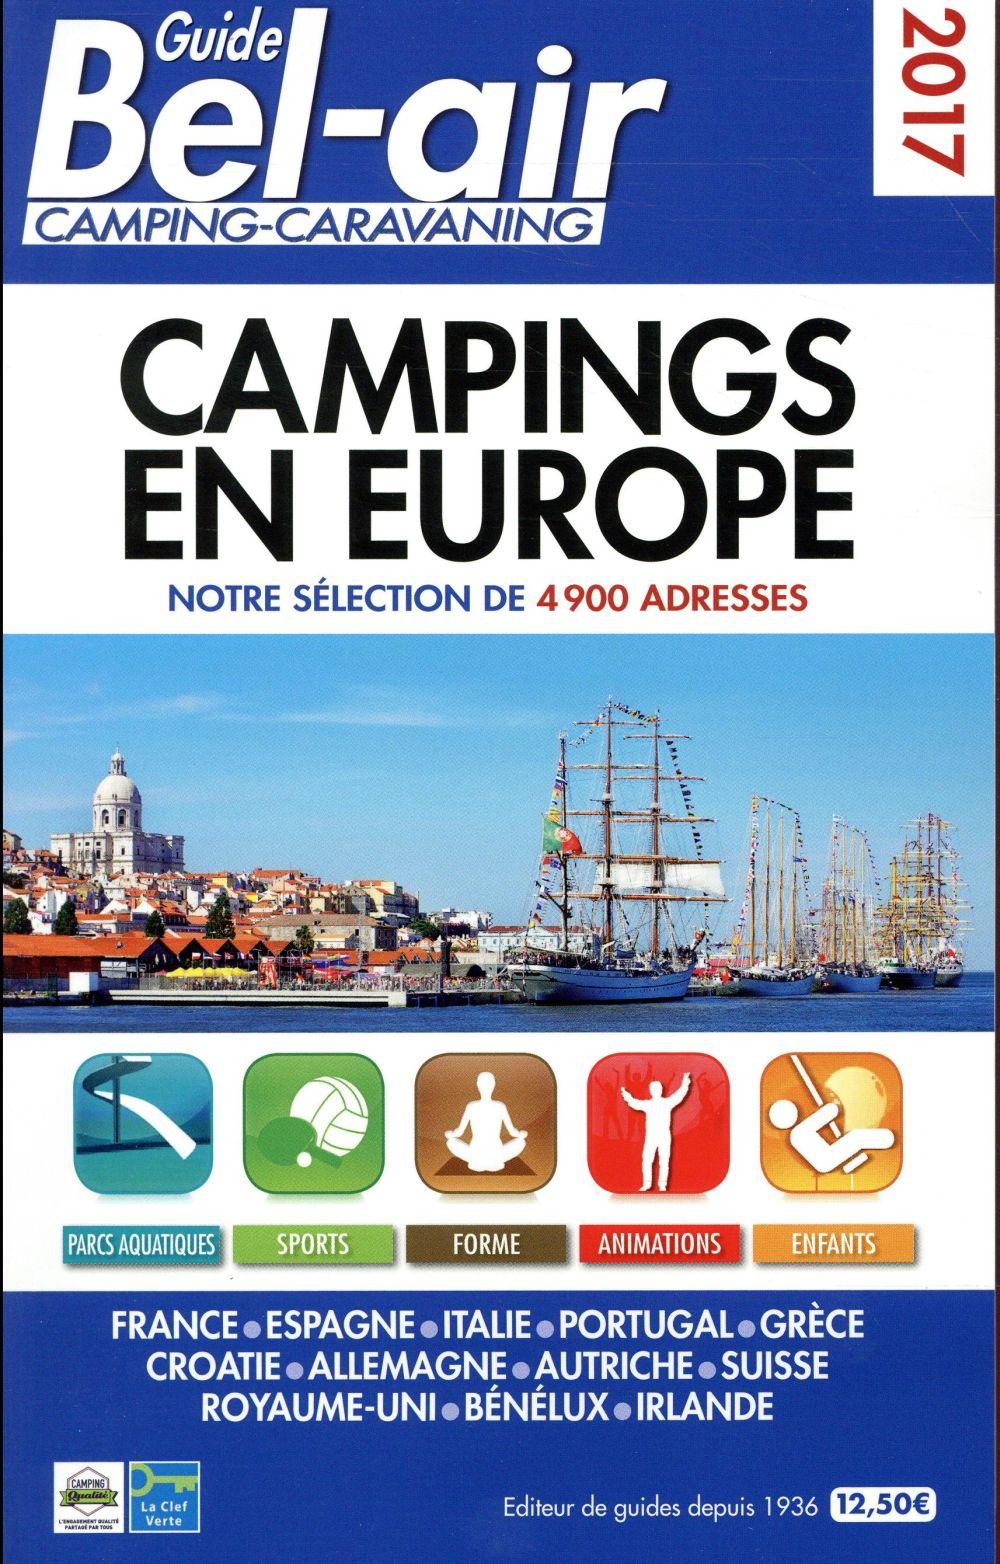 Campings en Europe